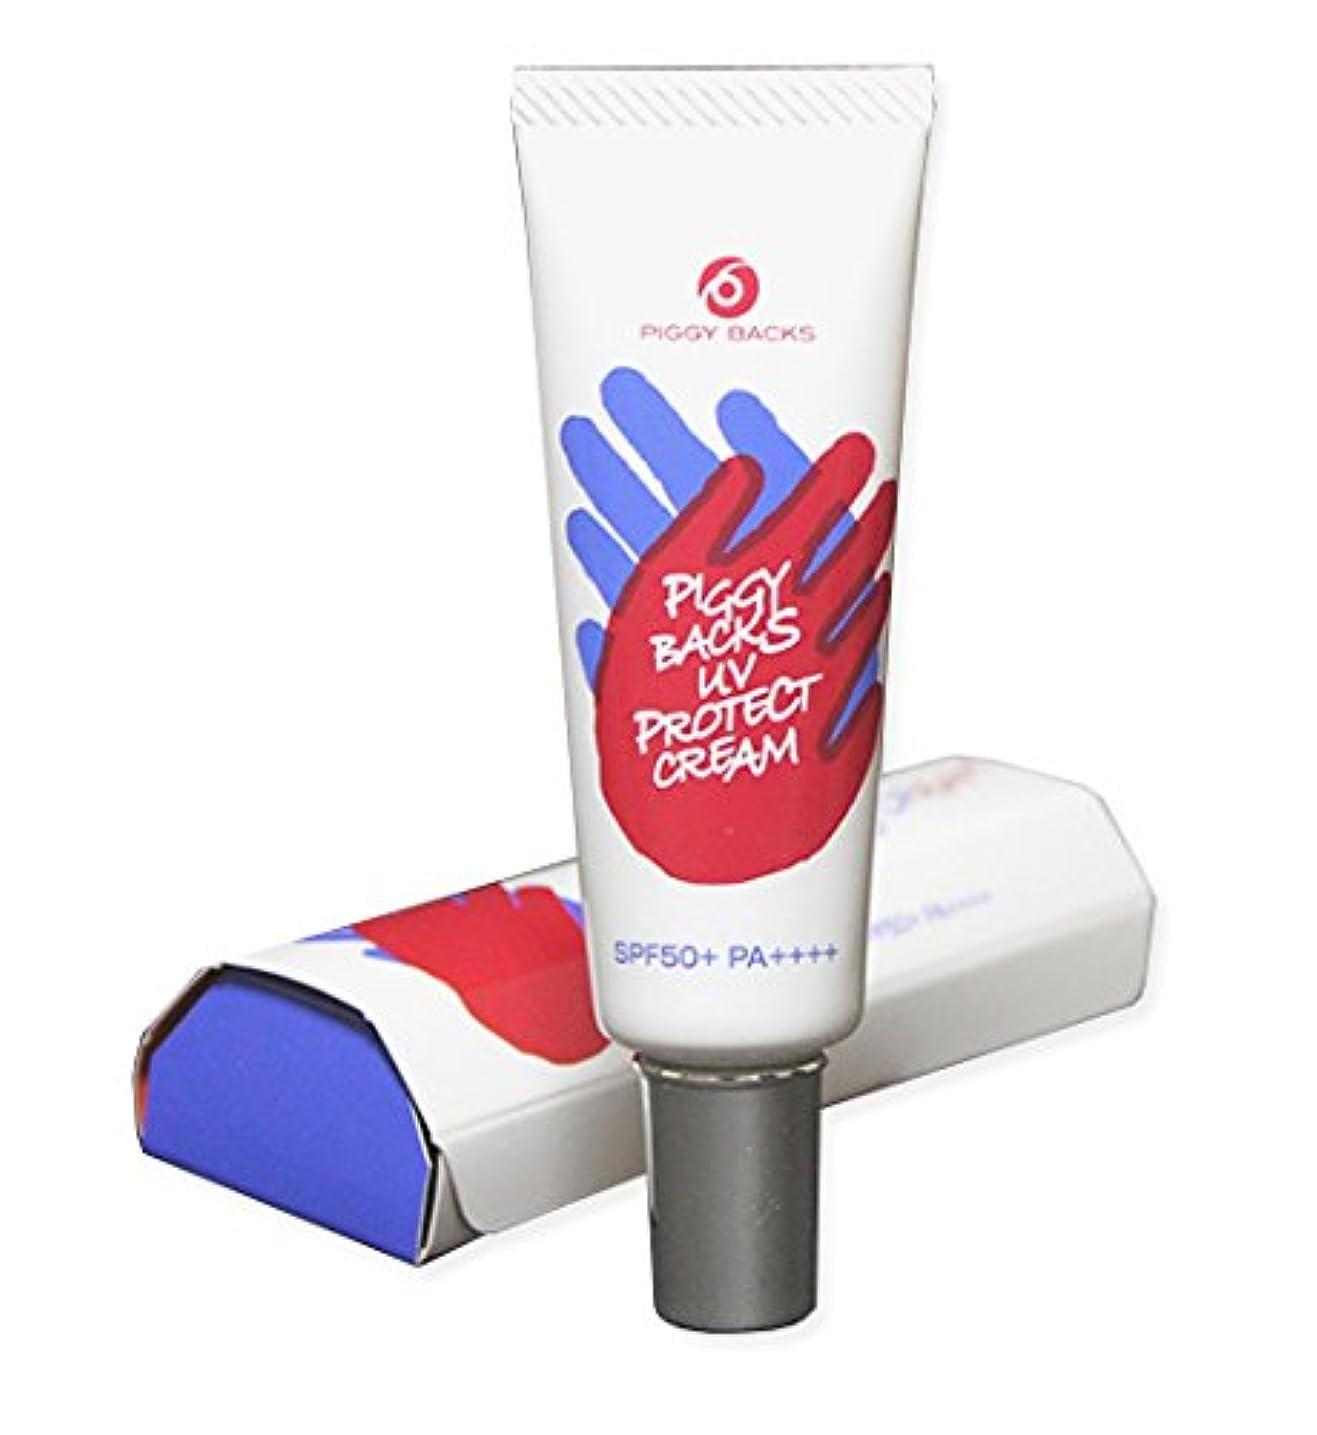 表面警告ステップピギーバックス UVプロテクトクリーム【SPF50+、PA++++】国内最高紫外線防御力なのにノンケミカルを実現!塗り直しがいらない日焼け止めクリーム